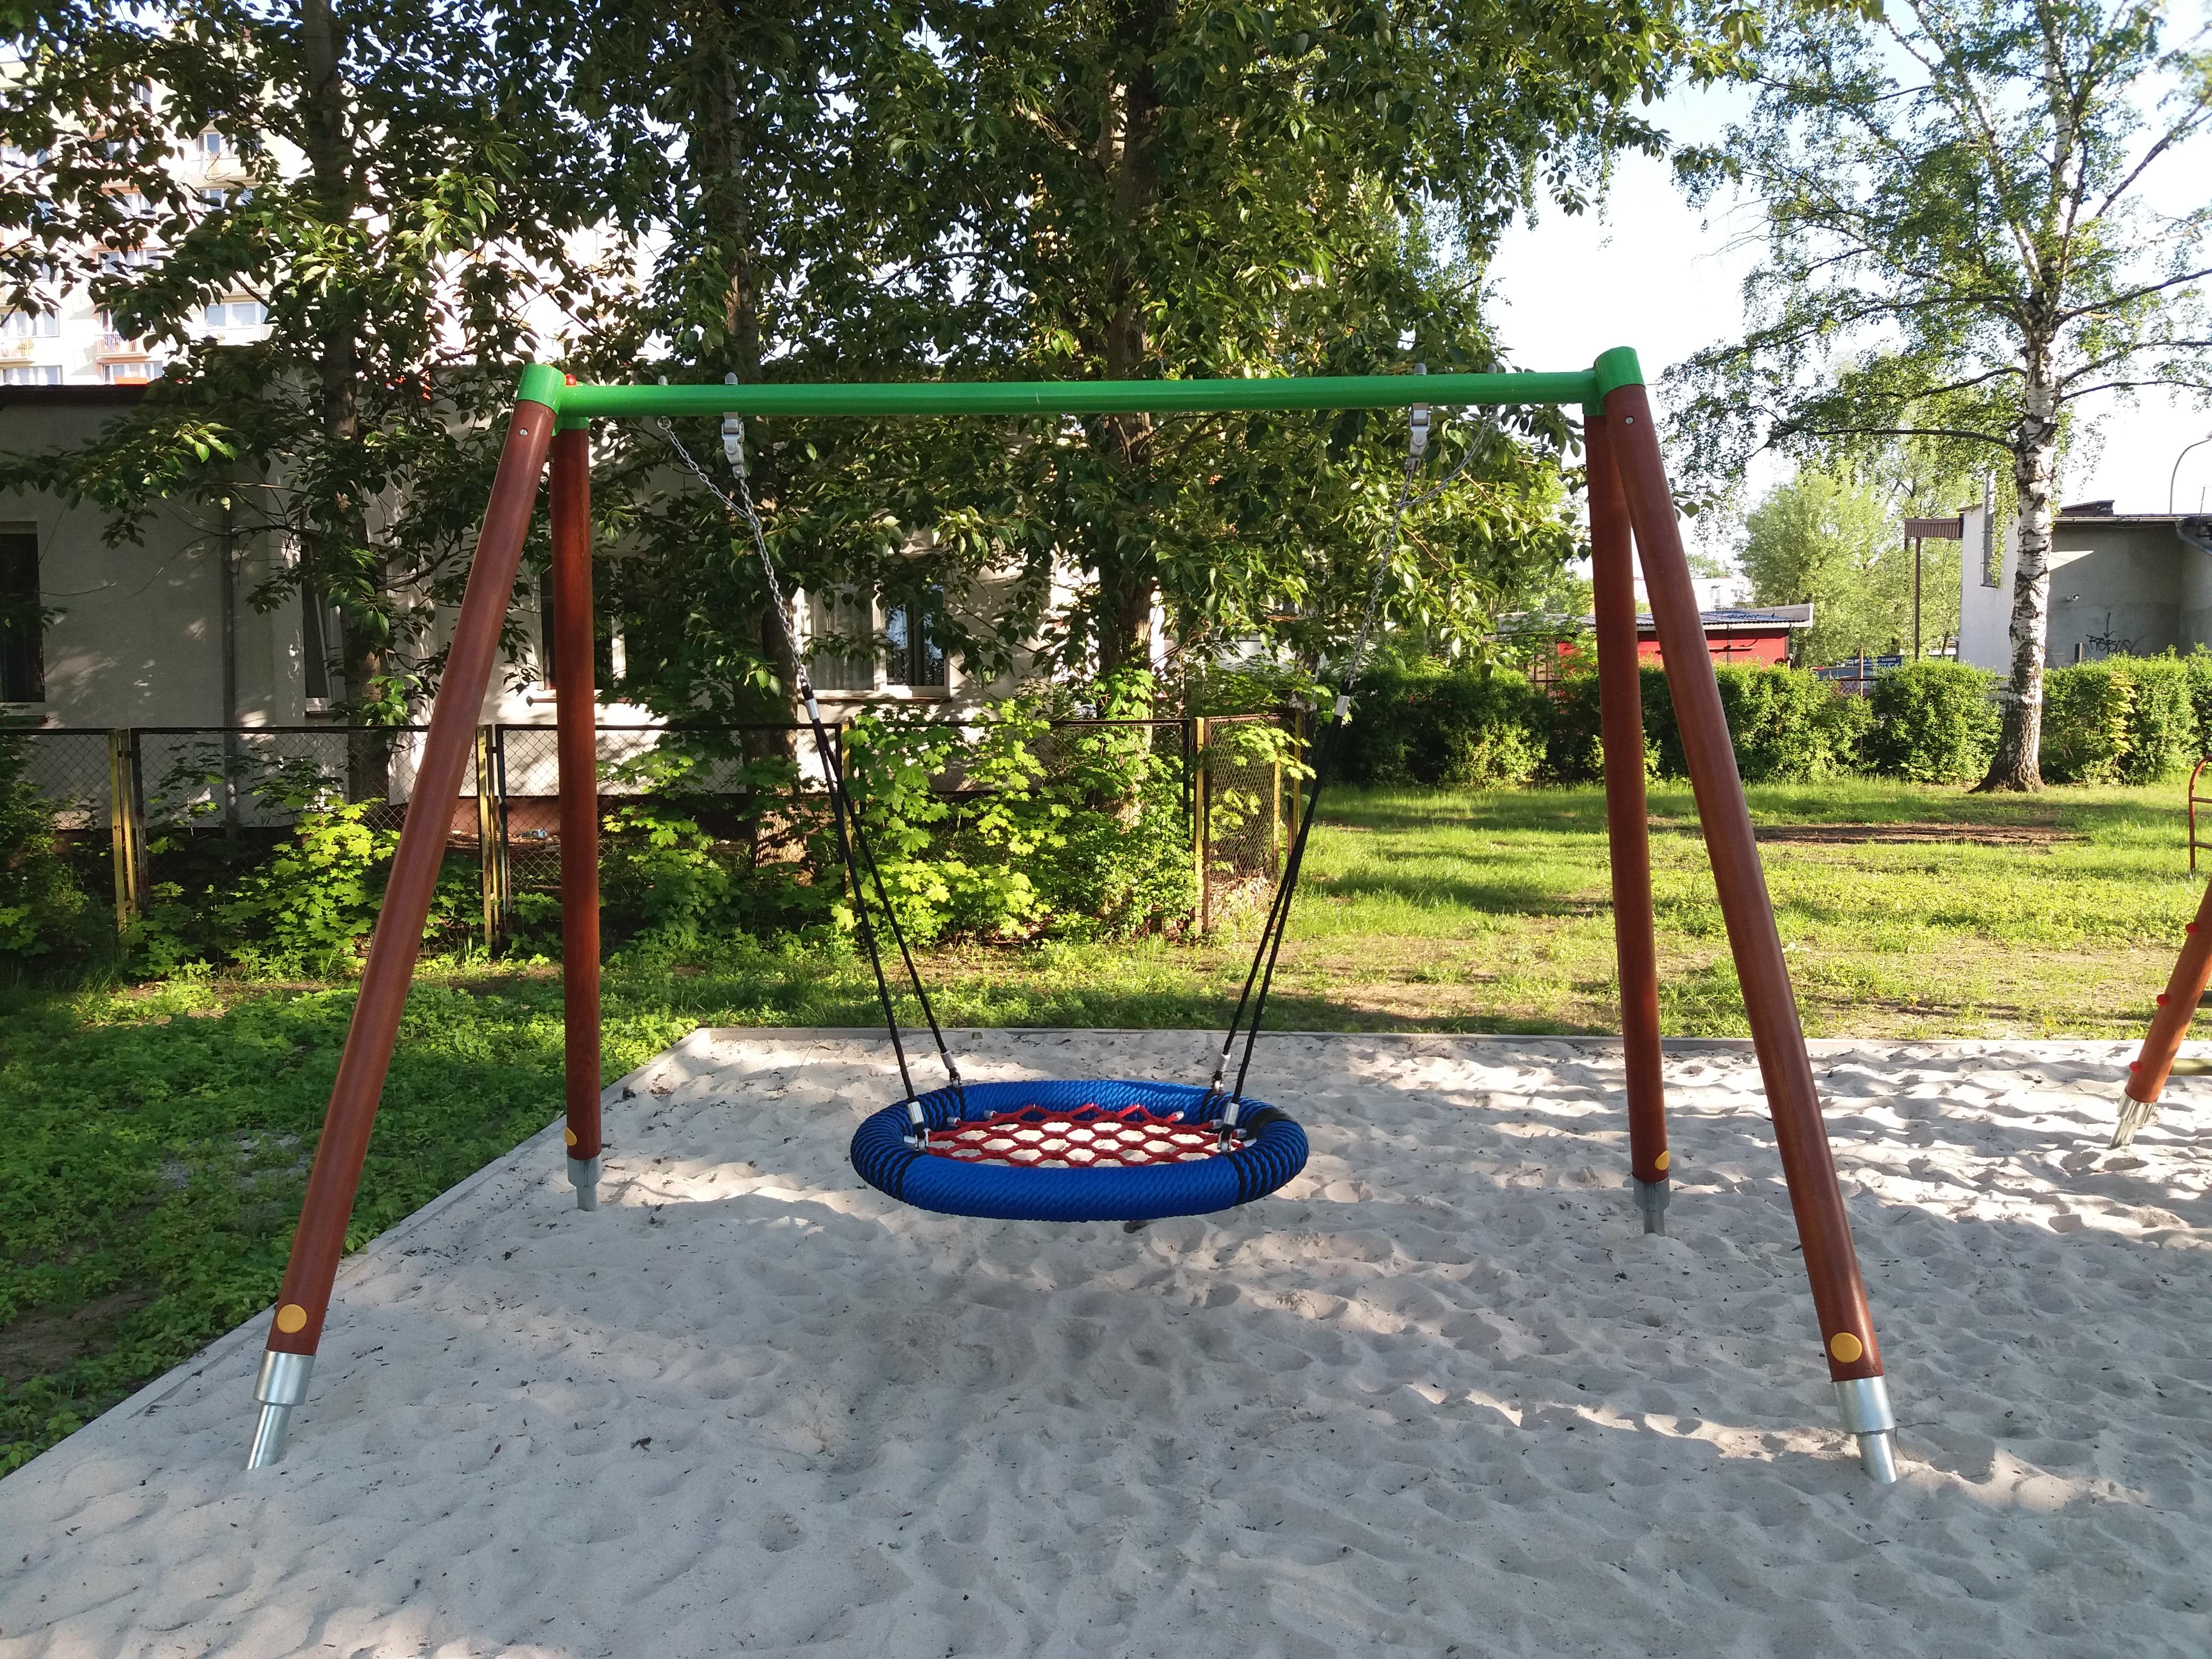 Remont i modernizacja przedszkolnego placu zabaw wraz z zakupem jego wyposażenia (Publiczne Przedszkole nr 9, ul. Harcerska 16)